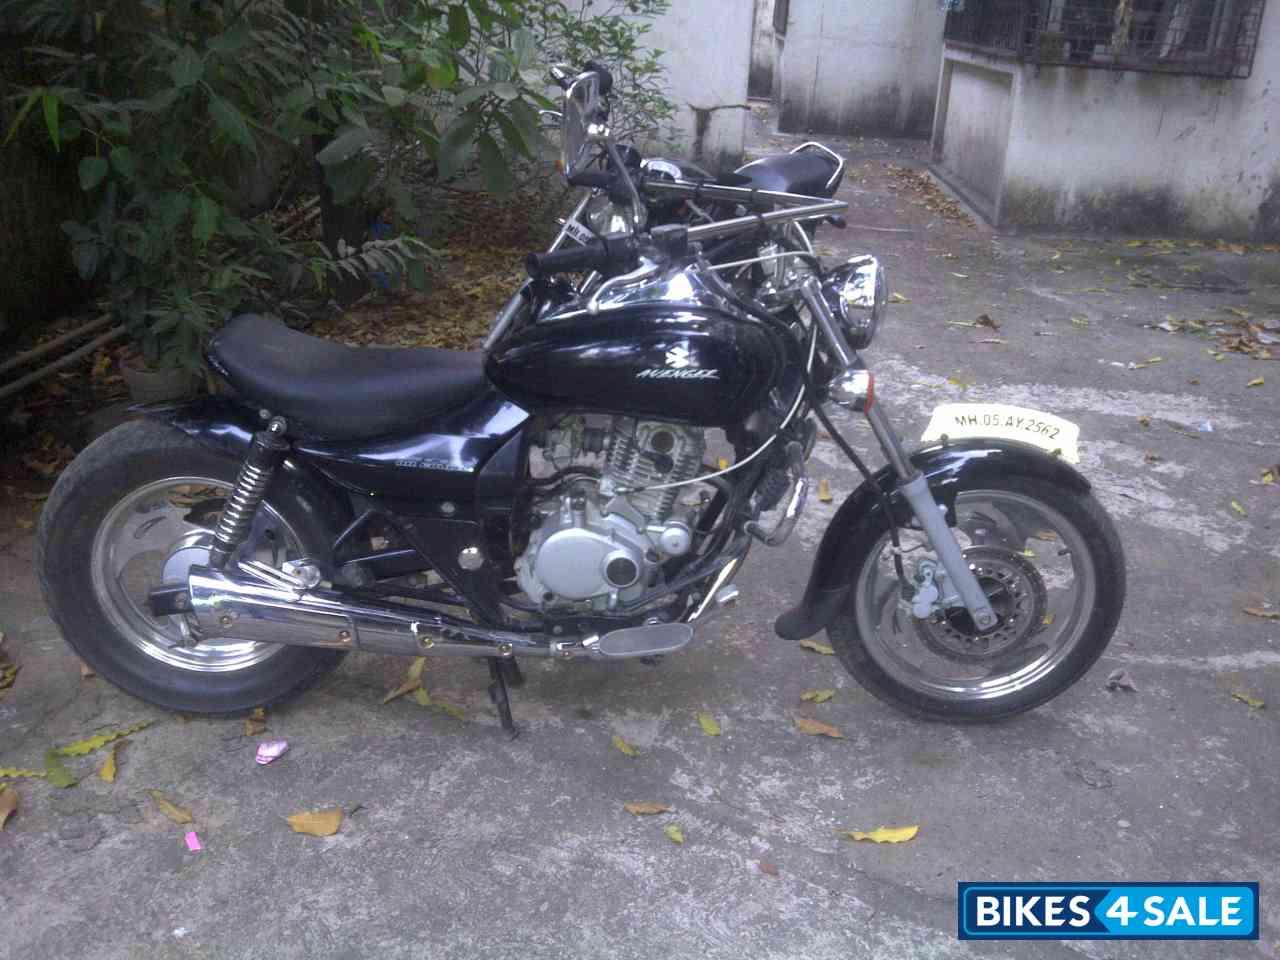 Second hand Modified Bike bajaj Avenger 200dtsi in Mumbai ...  Second hand Mod...